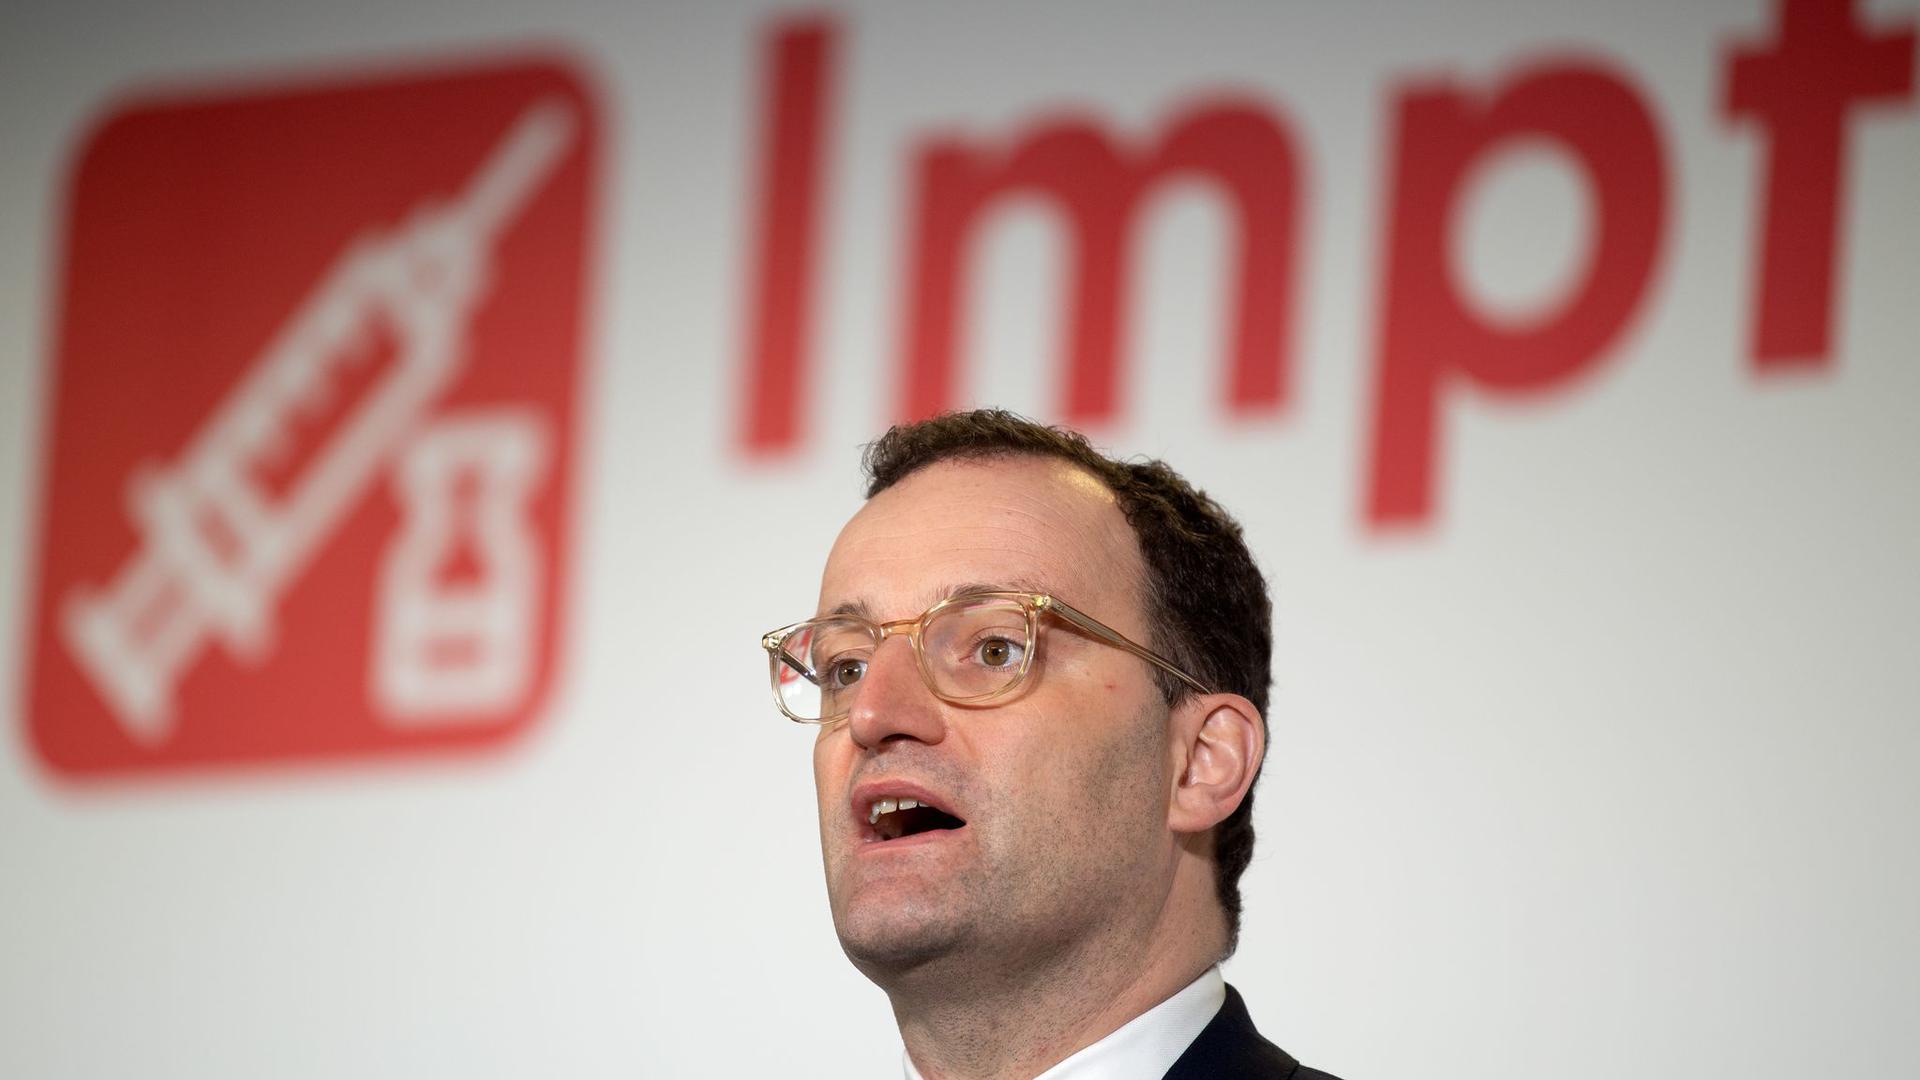 Laut Bundesgesundheitsminister Jens Spahn sollen bundesweit zu Beginn voraussichtlich zwischen fünf und acht Millionen Impfdosen zur Verfügung stehen.